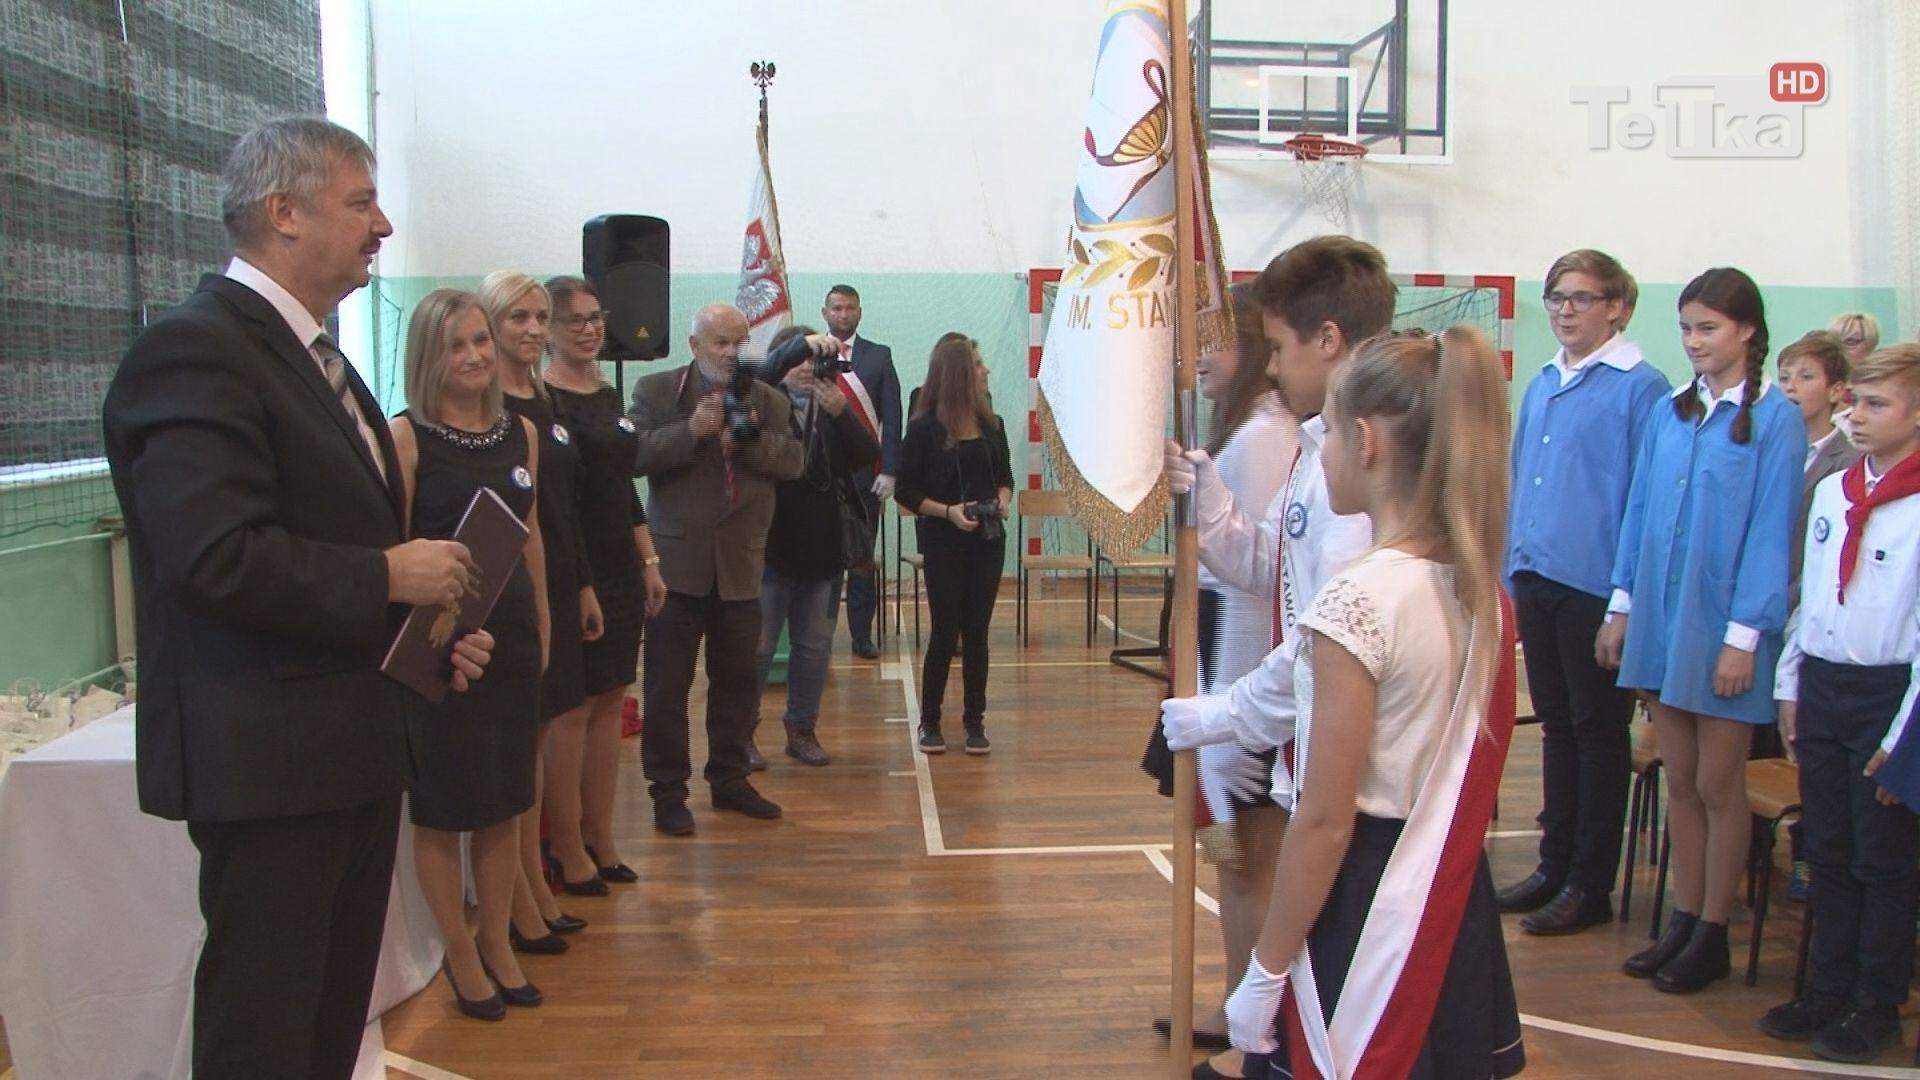 nauczycielom wręczono nagrody prezydenta na jubileuszu szkoły podstawowej nr 7